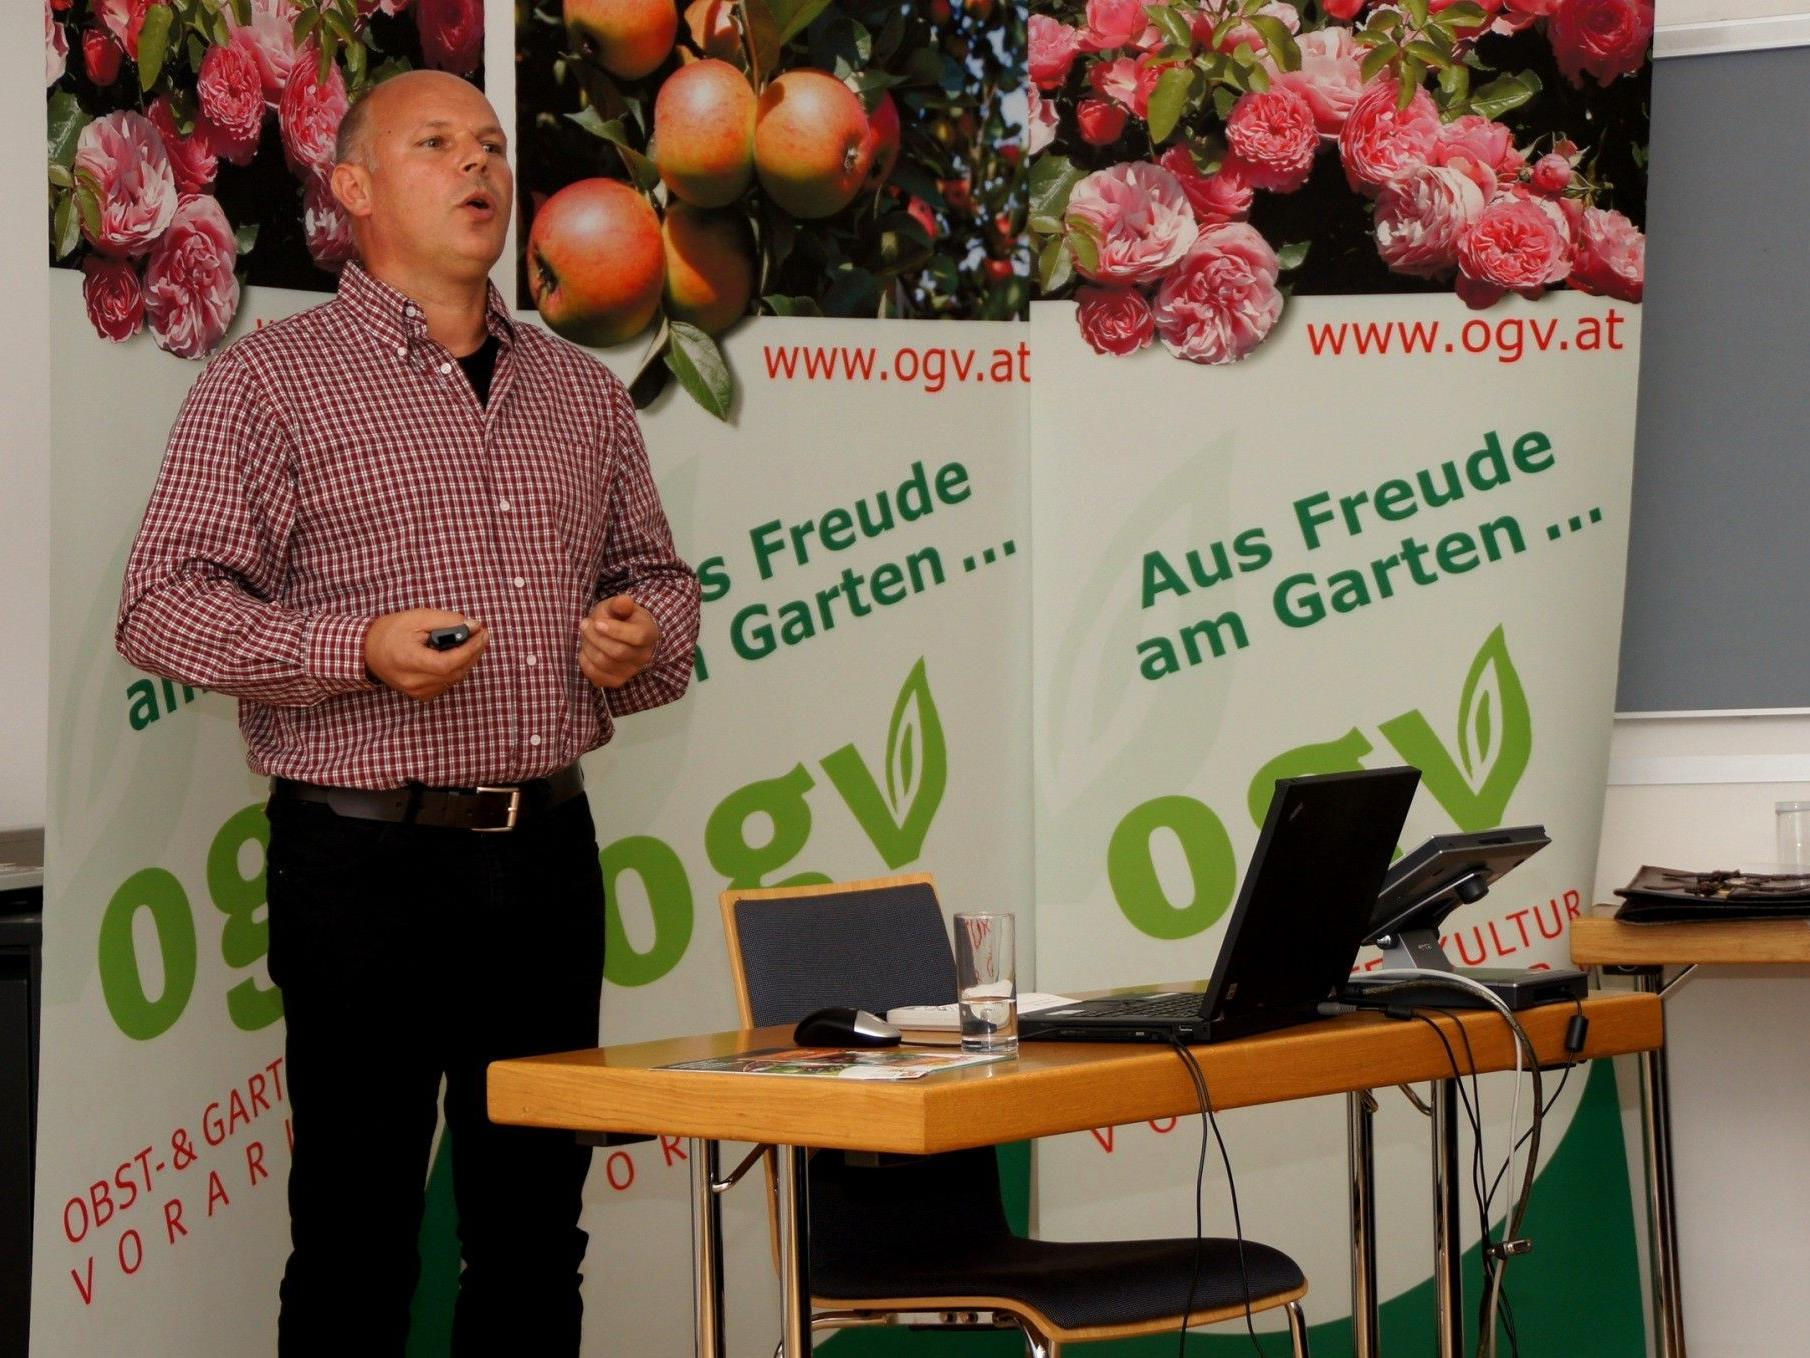 Dietmar Madlener informiert seine Gartenfreunde